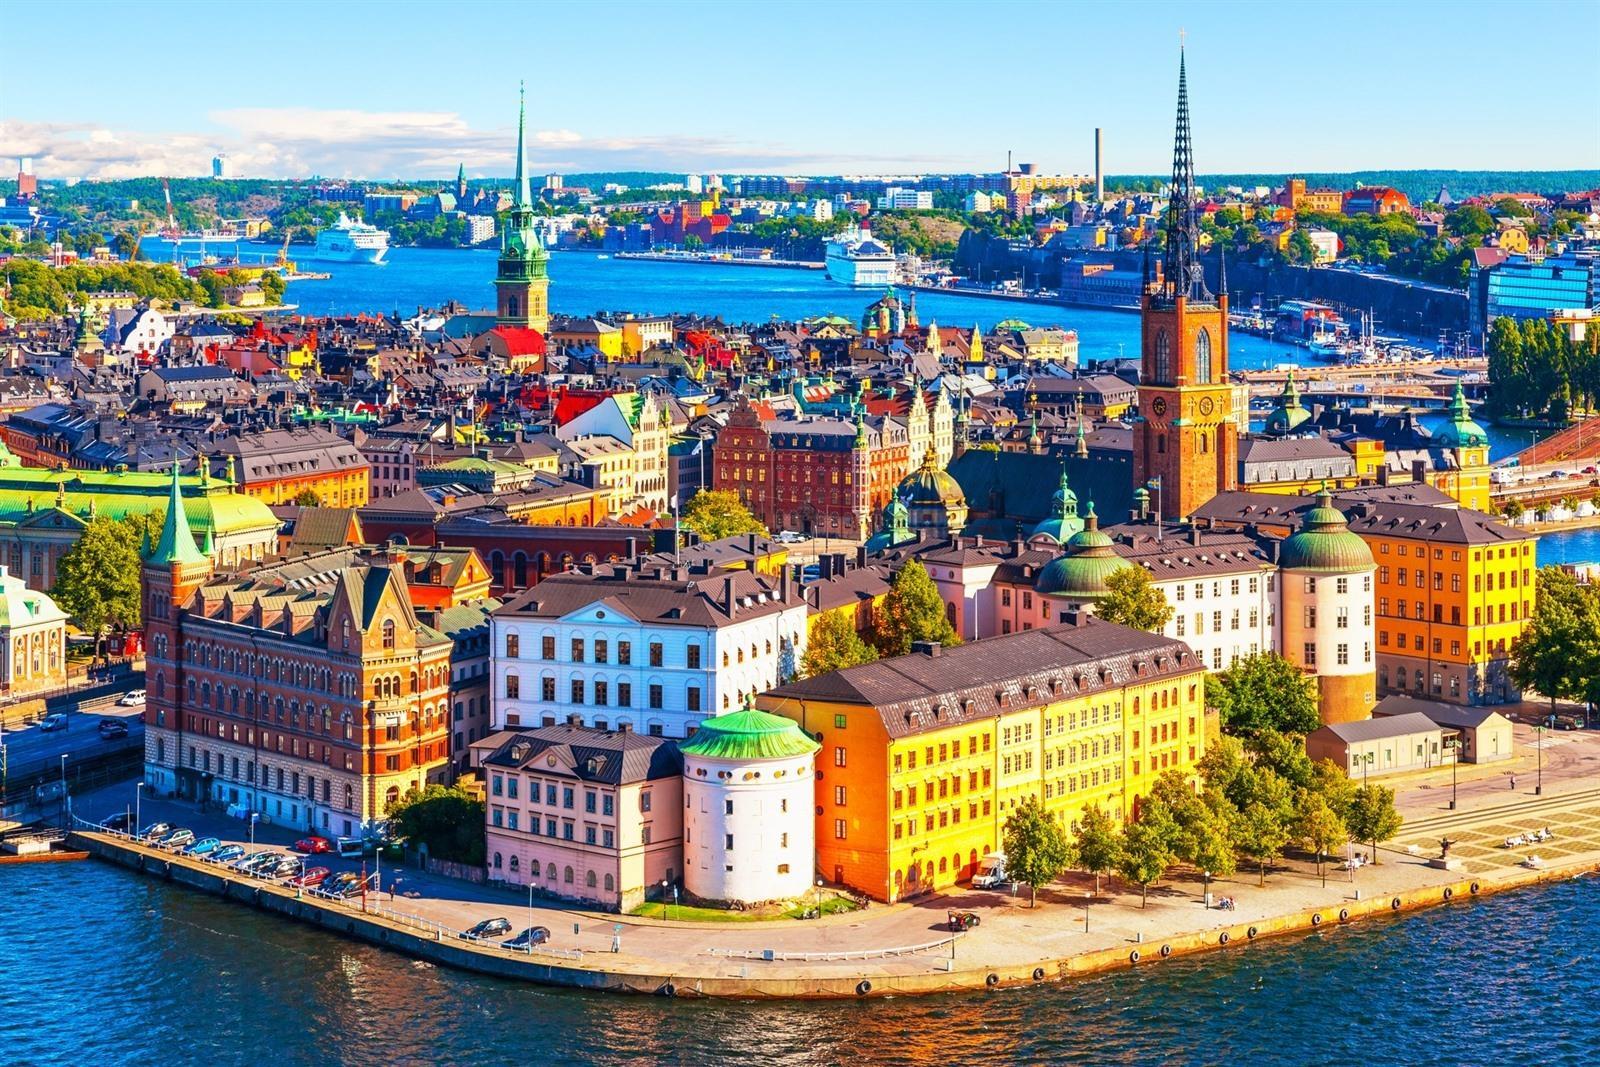 Dé 28 x mooiste bezienswaardigheden in Stockholm bezoeken?